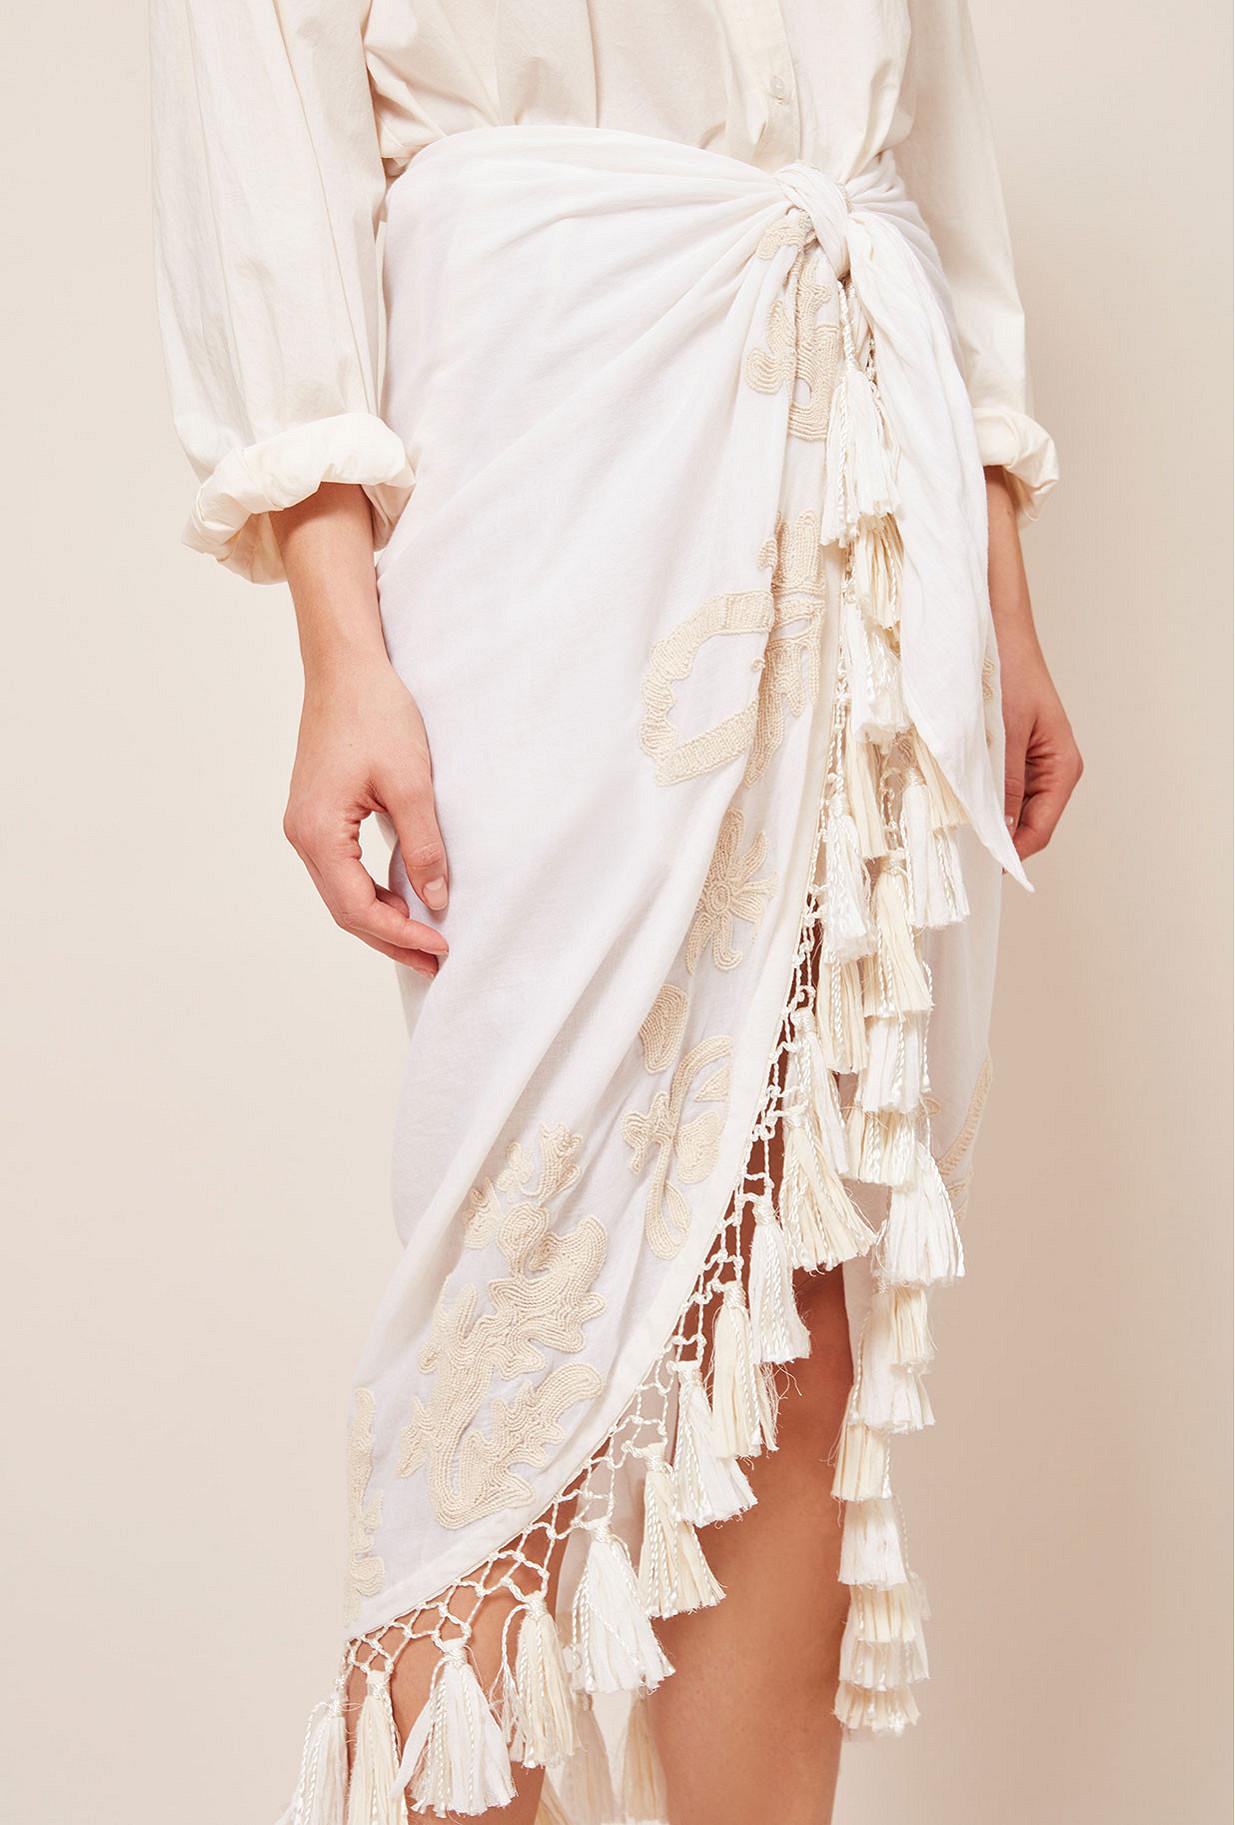 Paris boutique de mode vêtement Jupe créateur bohème Bangalore